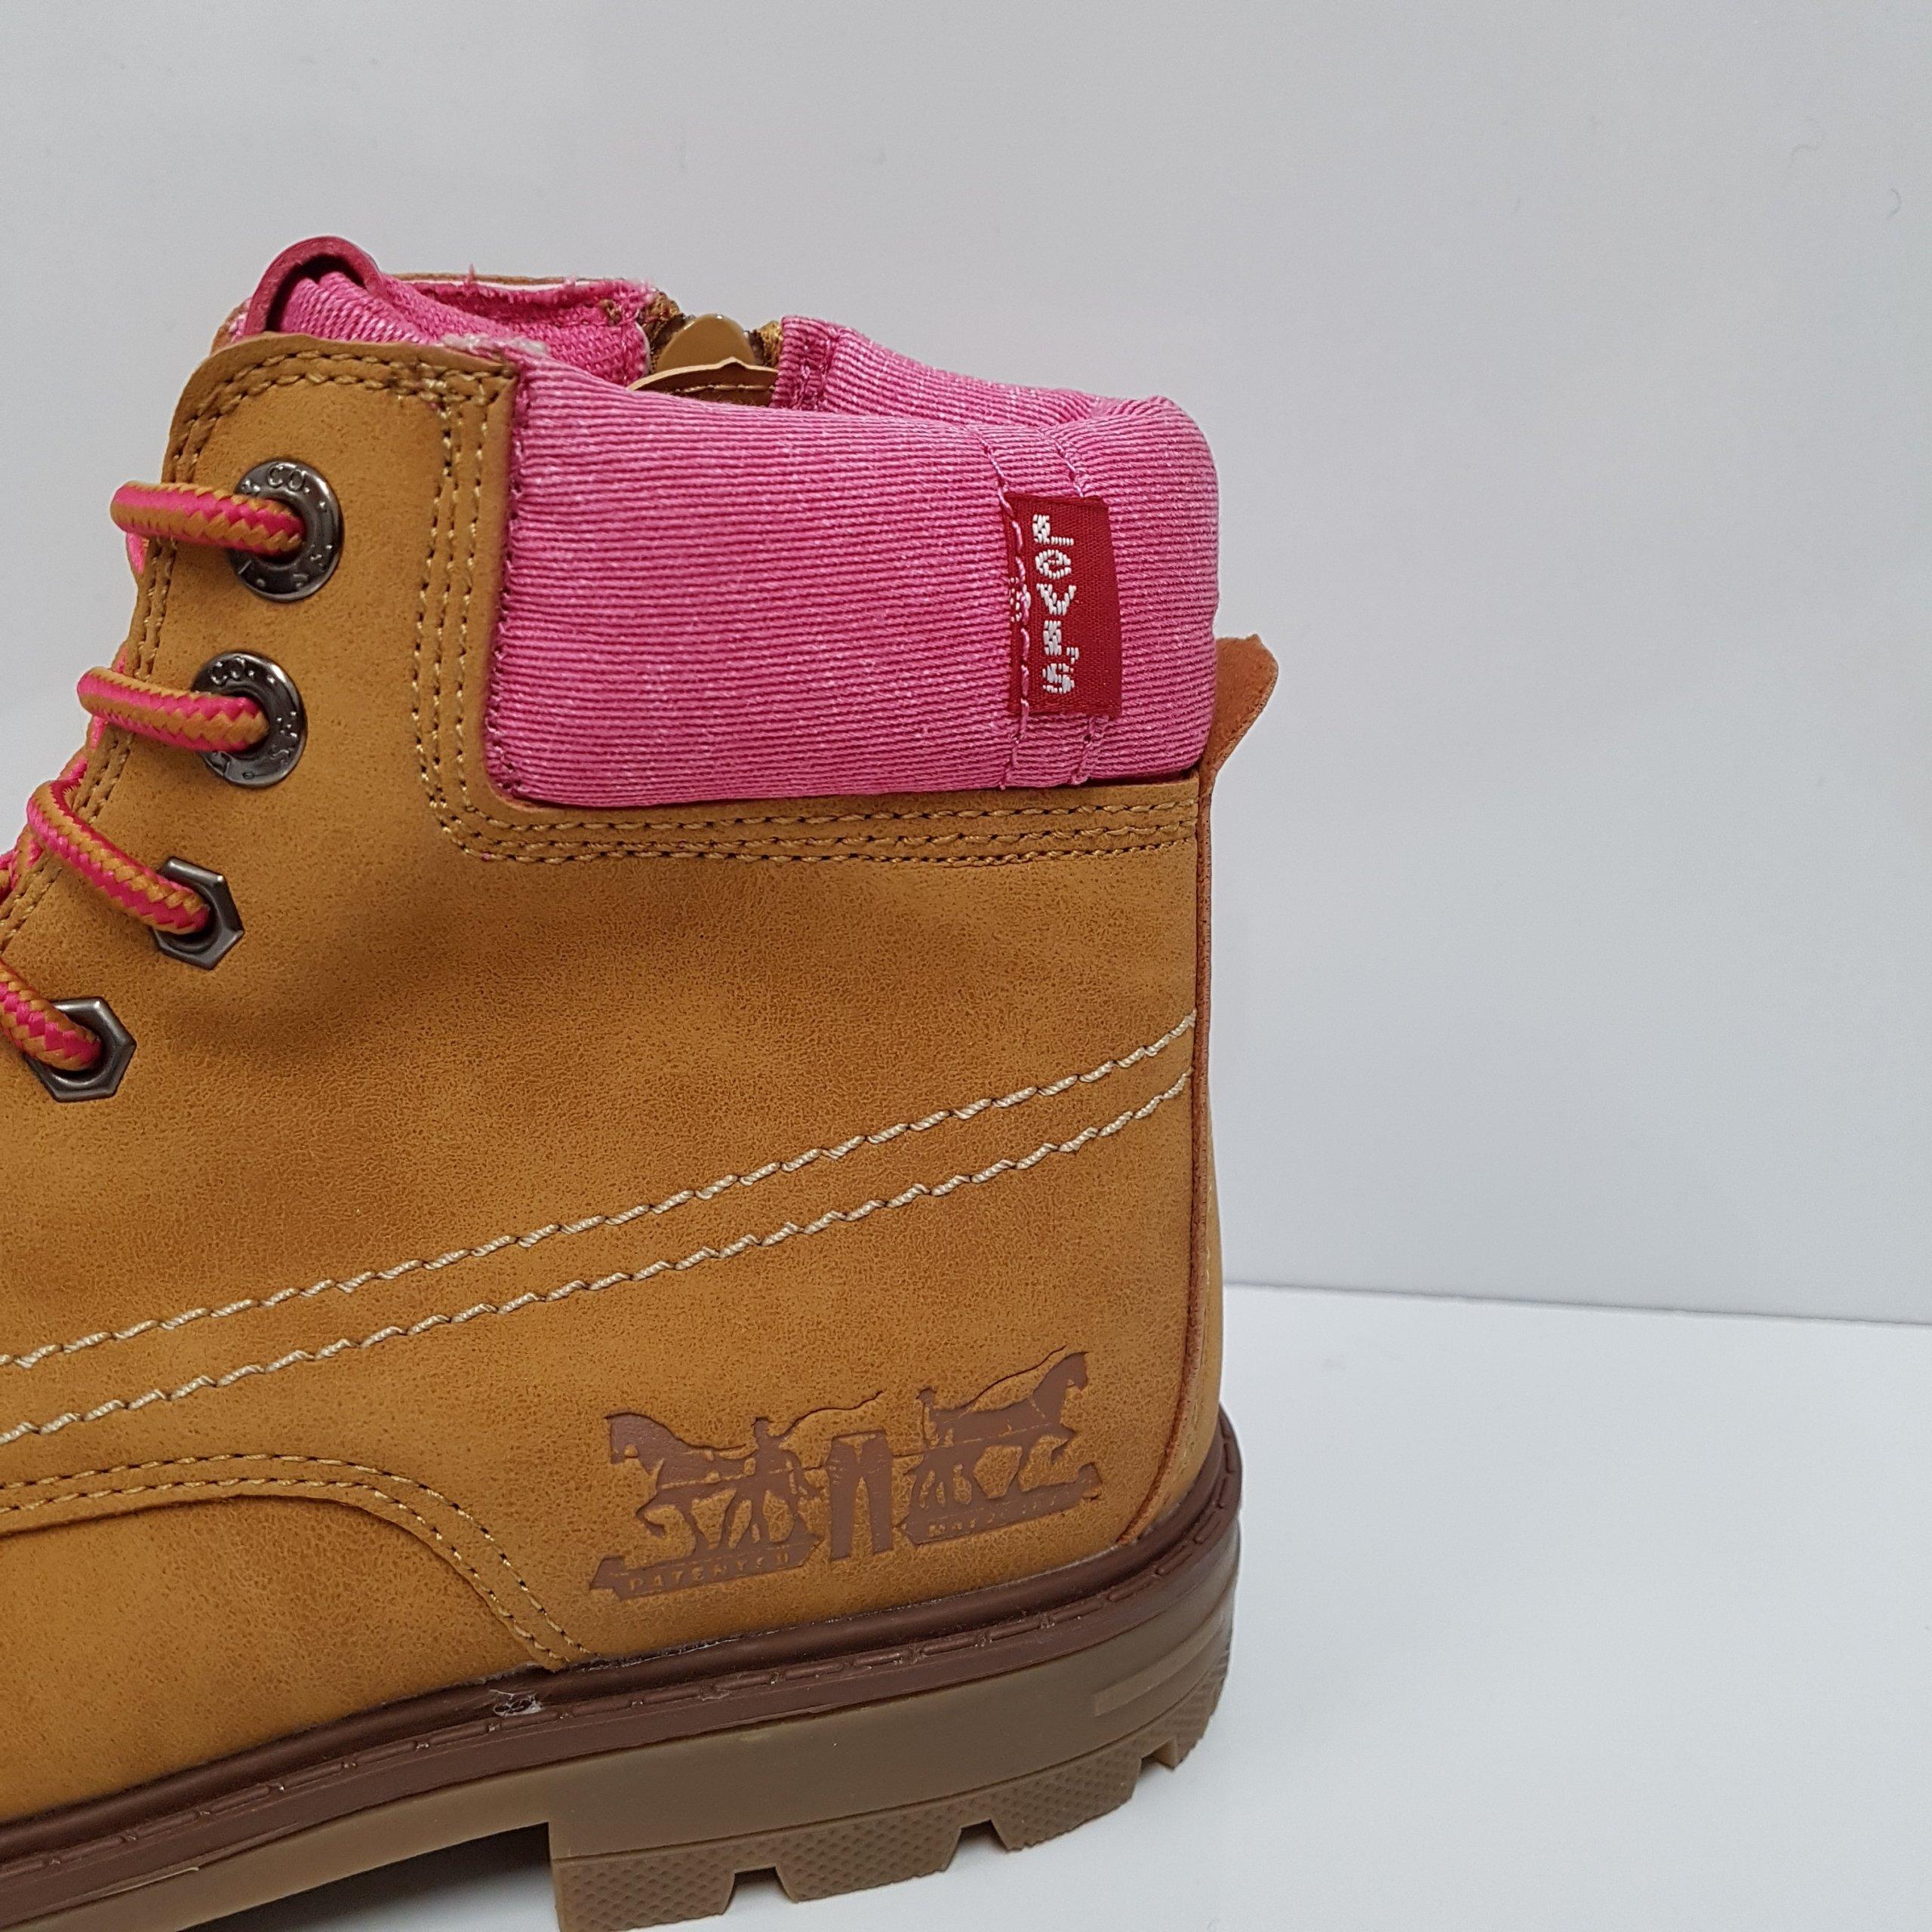 1088e95fd8b80 Kozaki dziecięce buty trapery zima LEVIS 35 tanio - 7031167713 ...